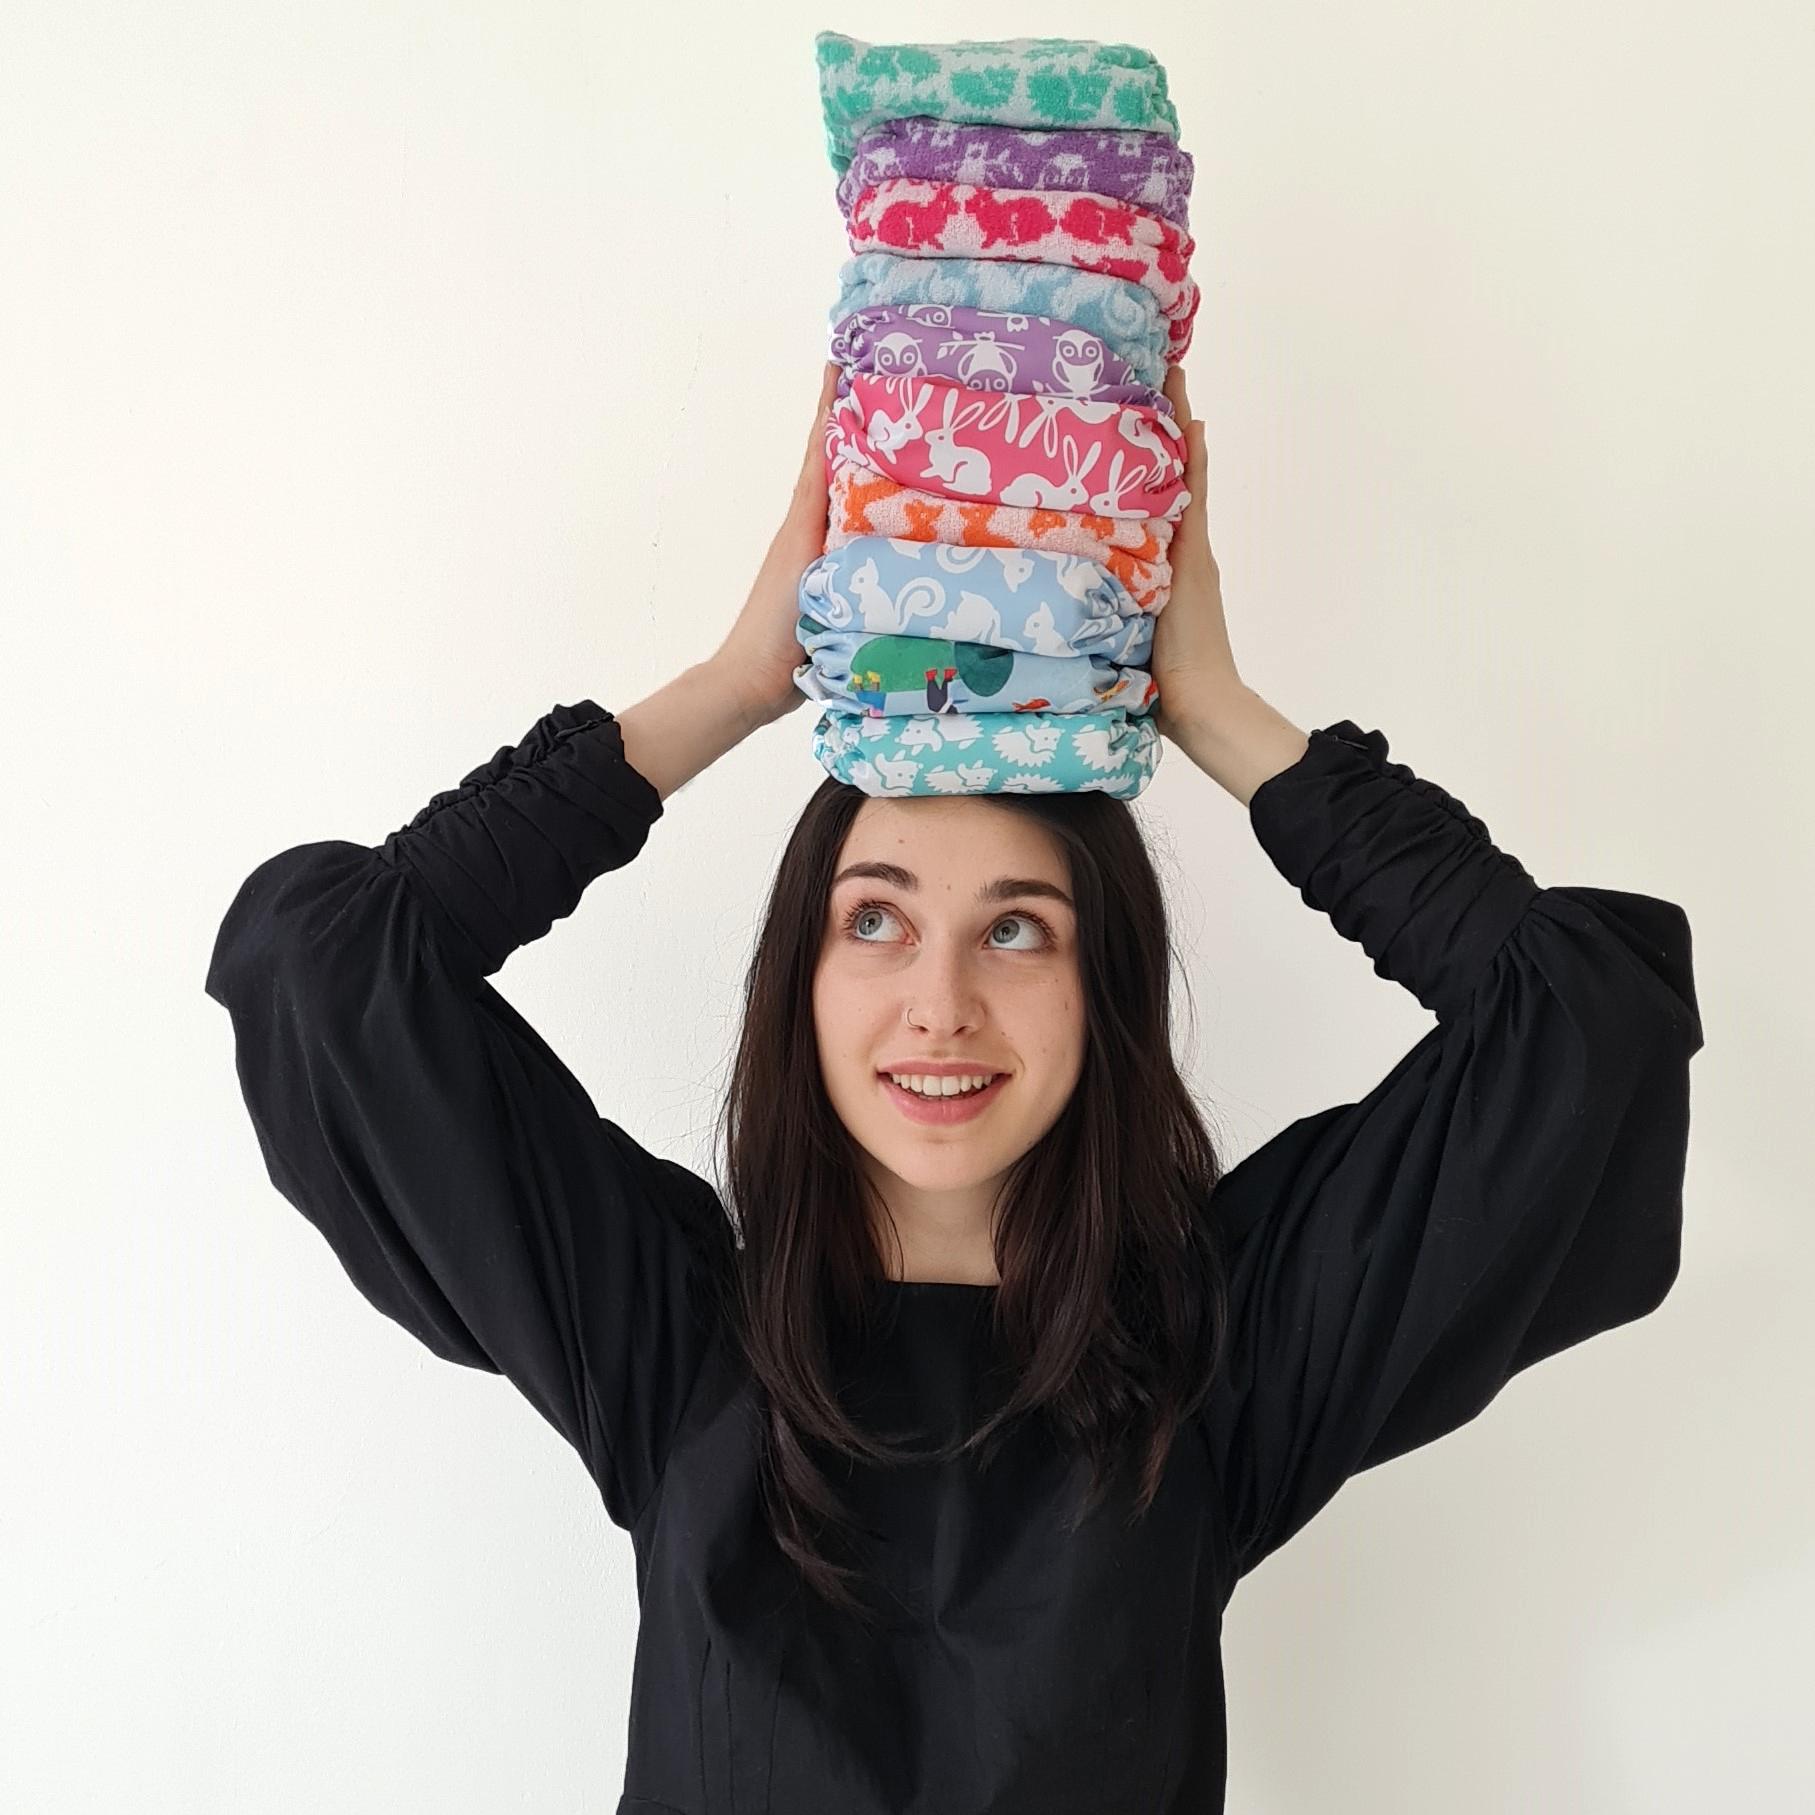 Maia Nappy stack